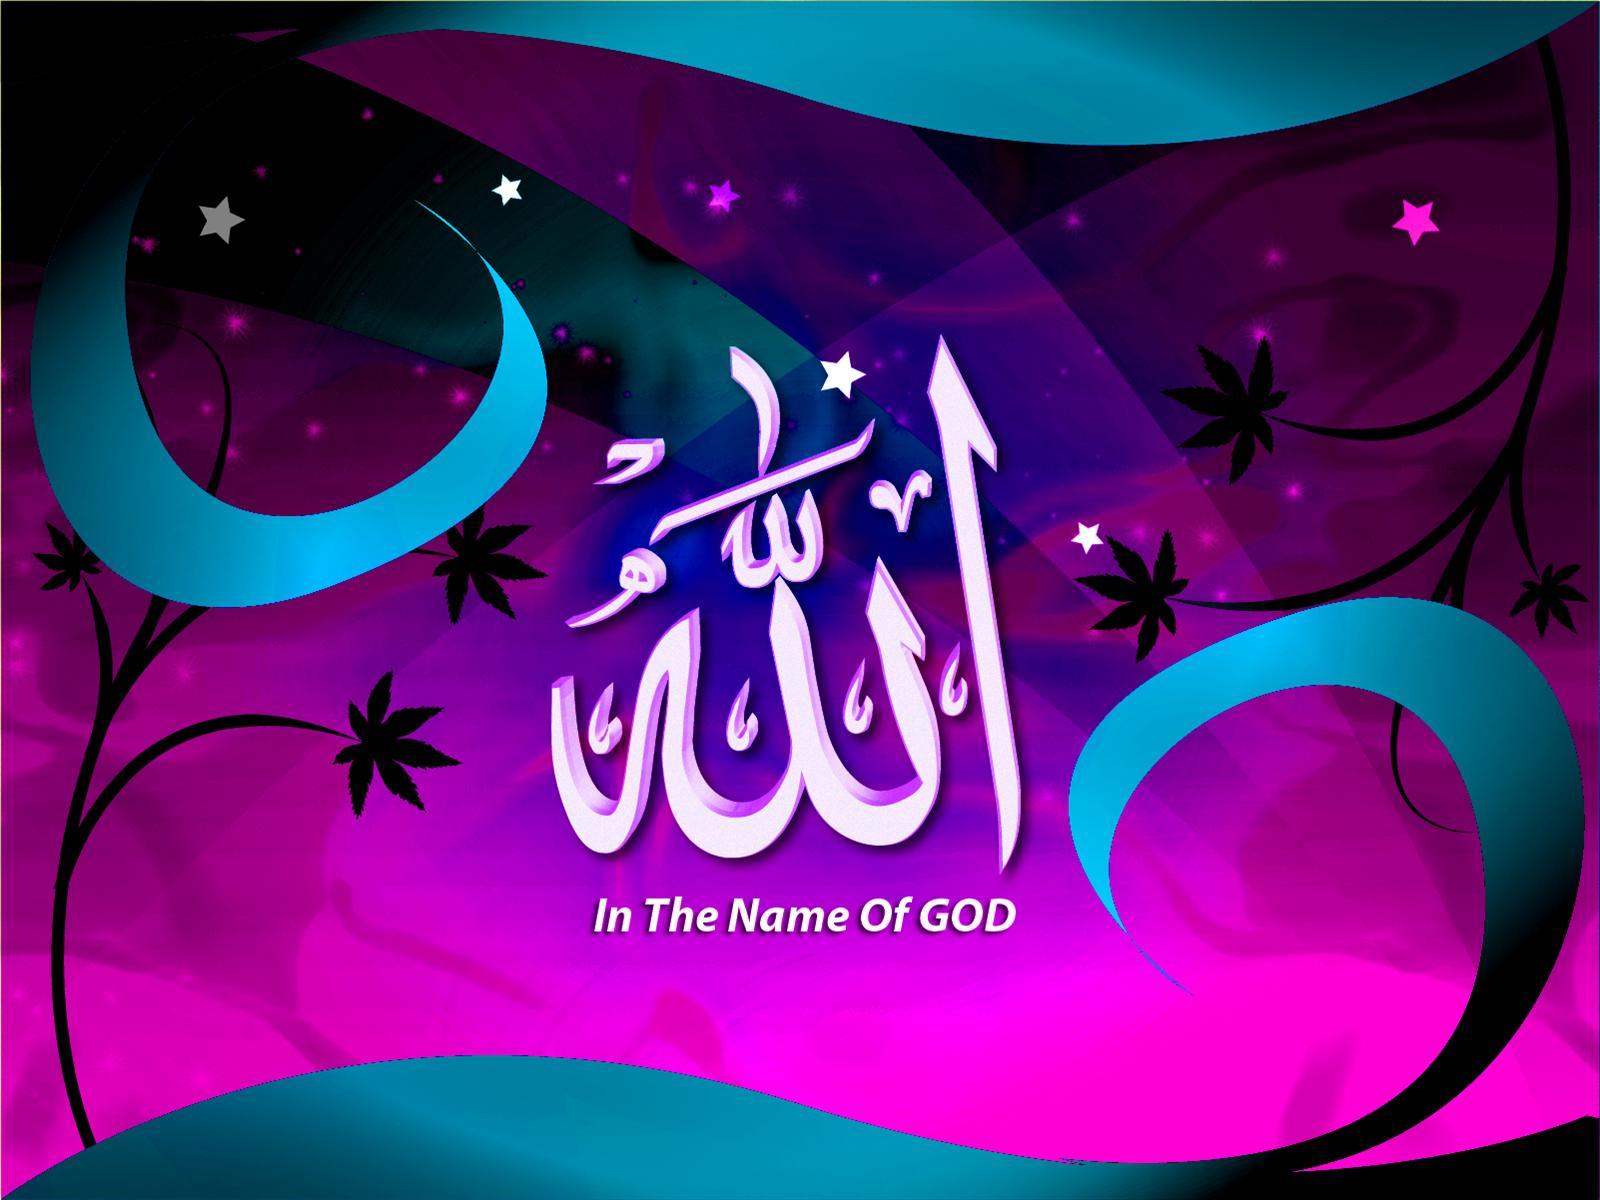 بالصور صور الله , اجمل صورة مكتوب عليها لفظ الجلاله 1496 6